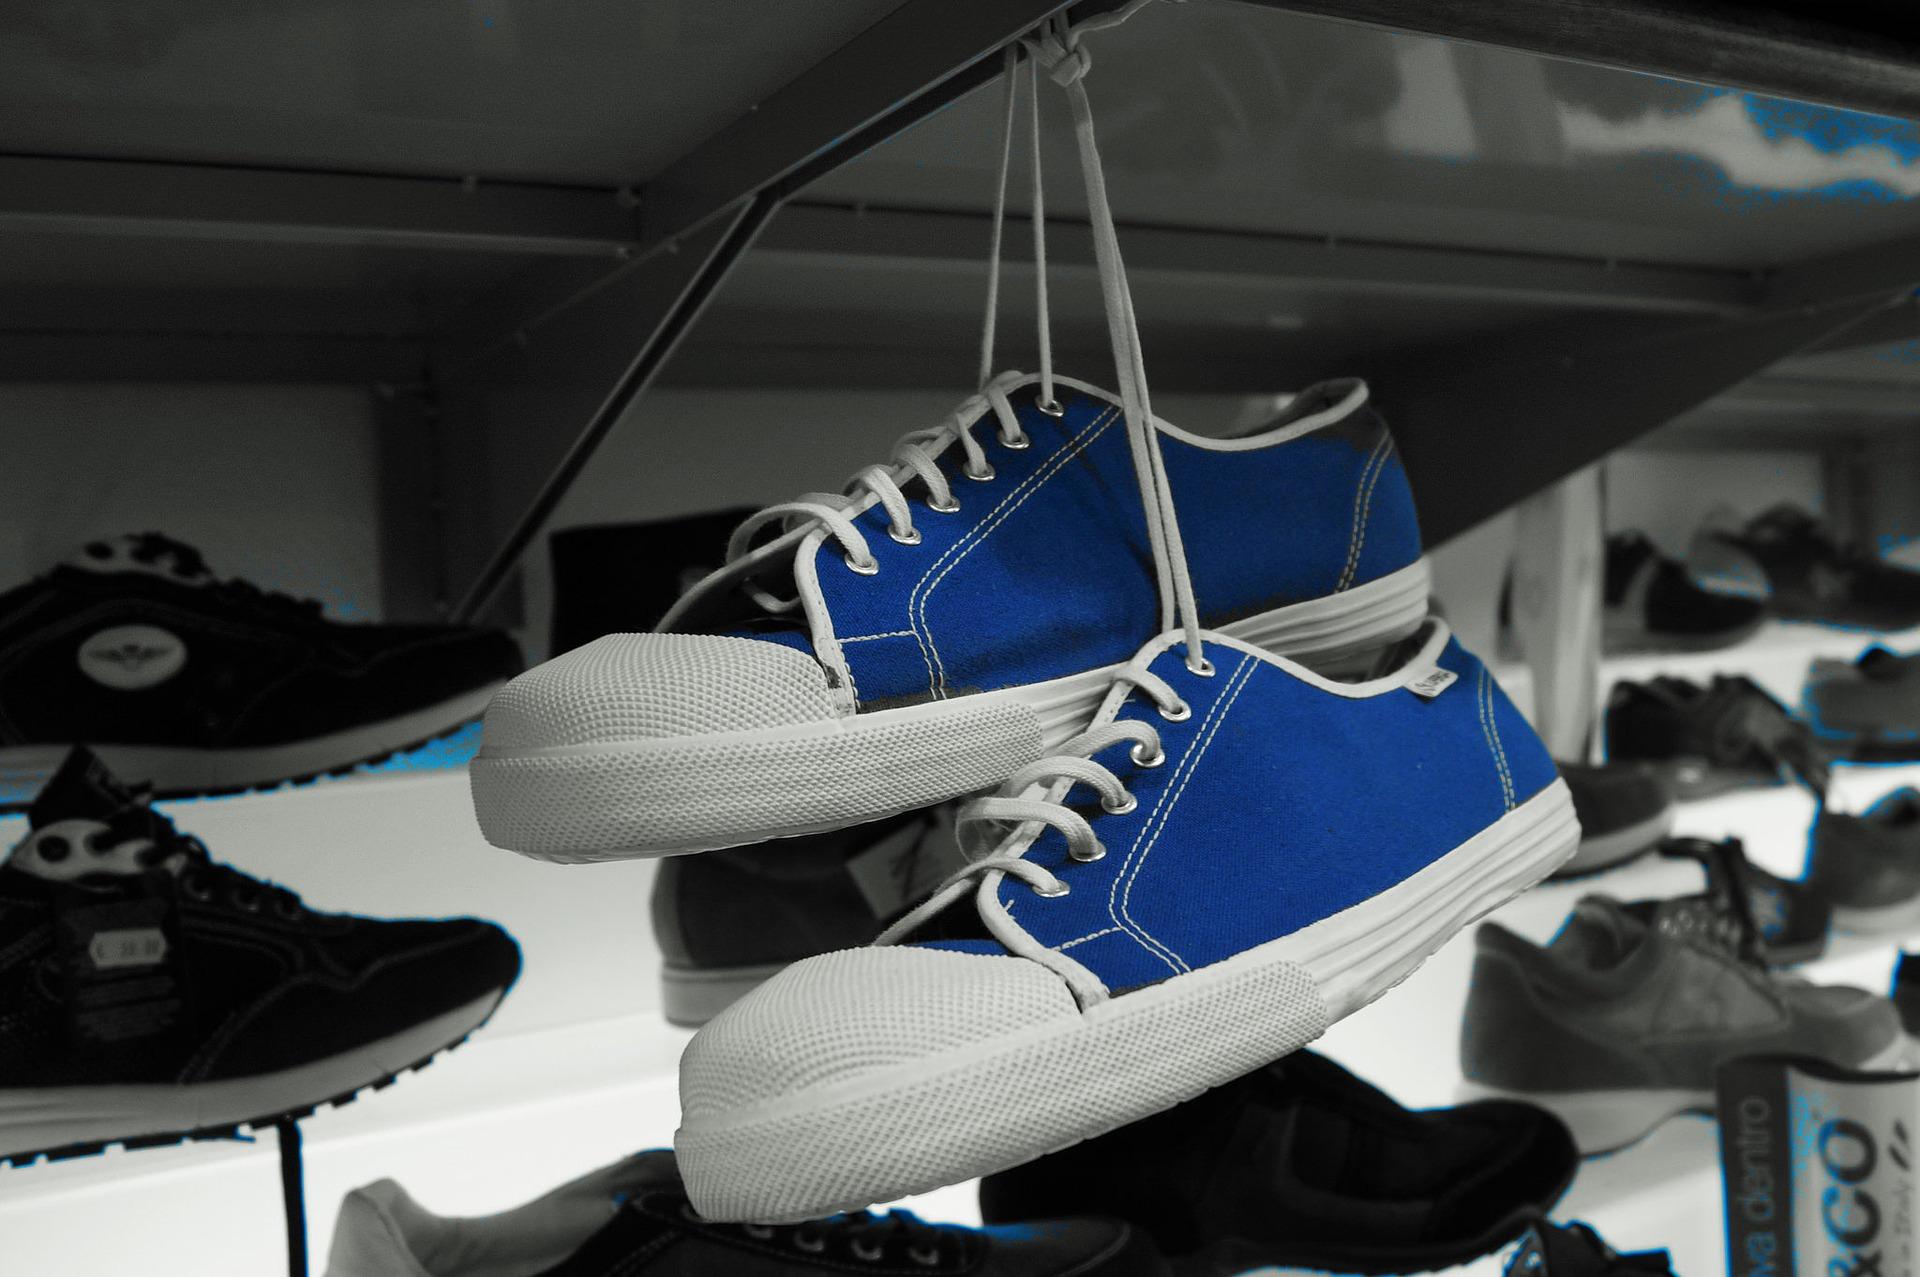 La classifica delle migliori scarpe sportive 2019